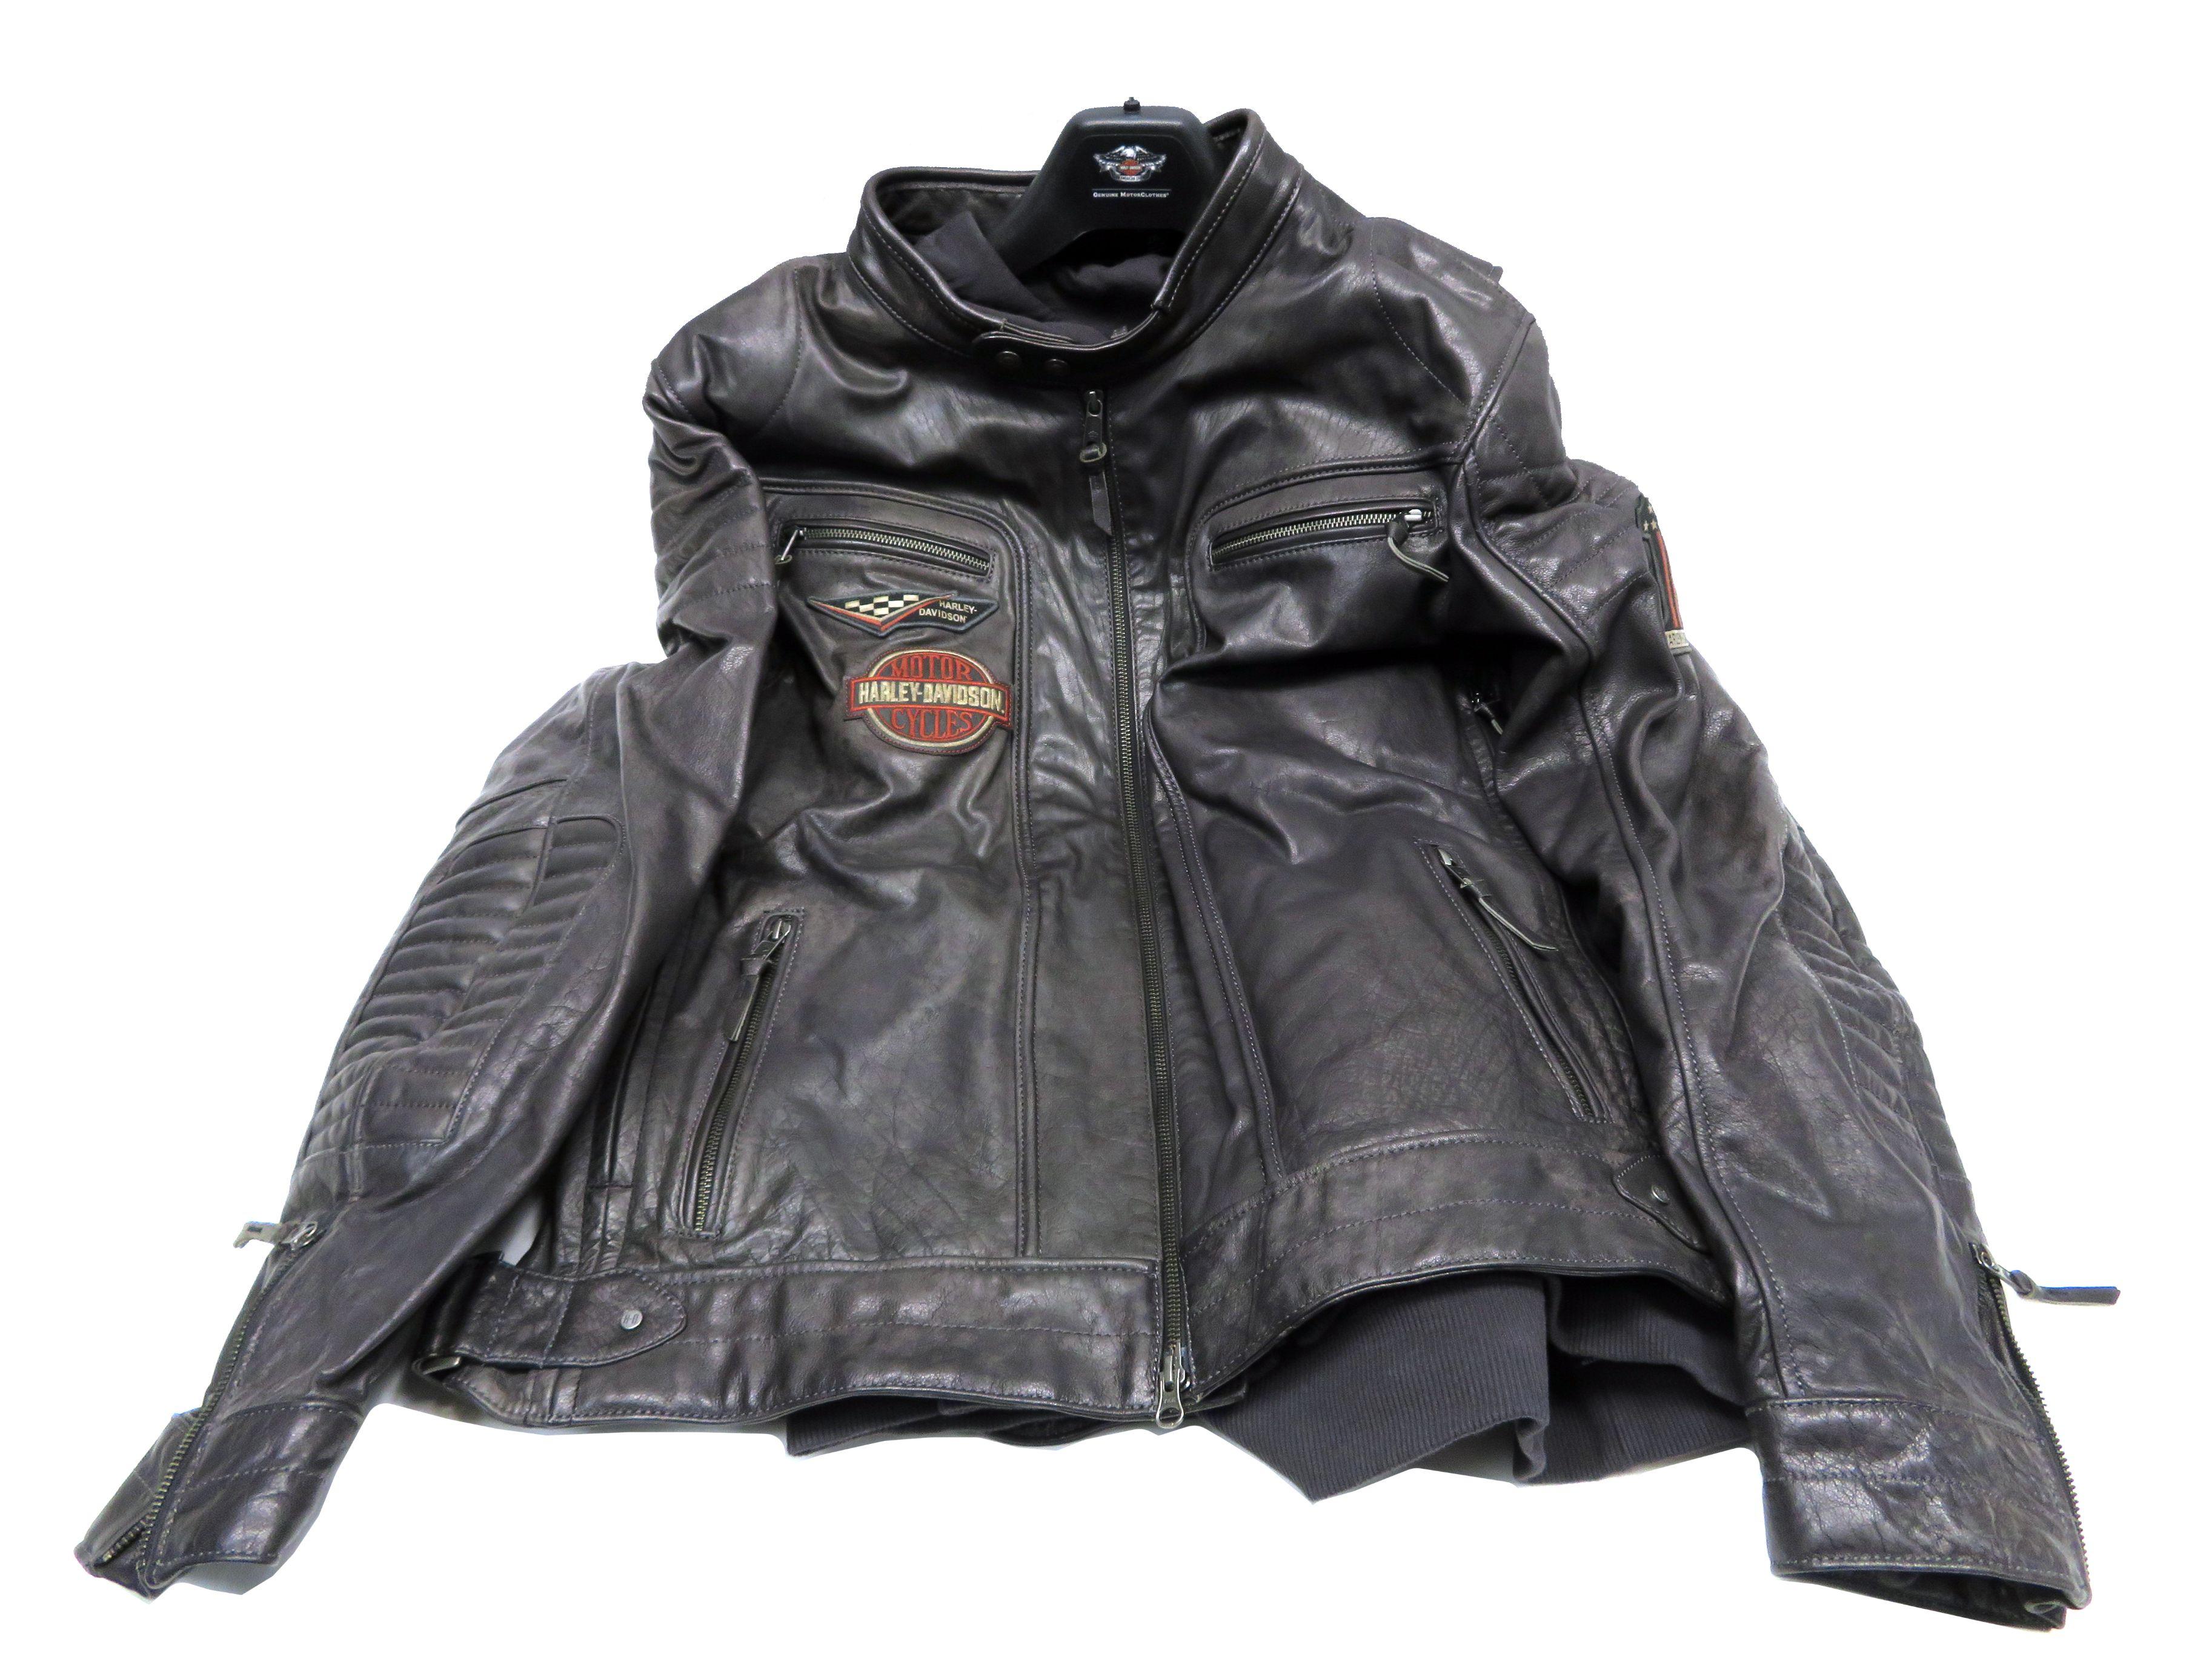 2b002e5dd58 Details about Harley-Davidson Mens Marmax Racing Eagle Black Leather Jacket  97002-18VM VT